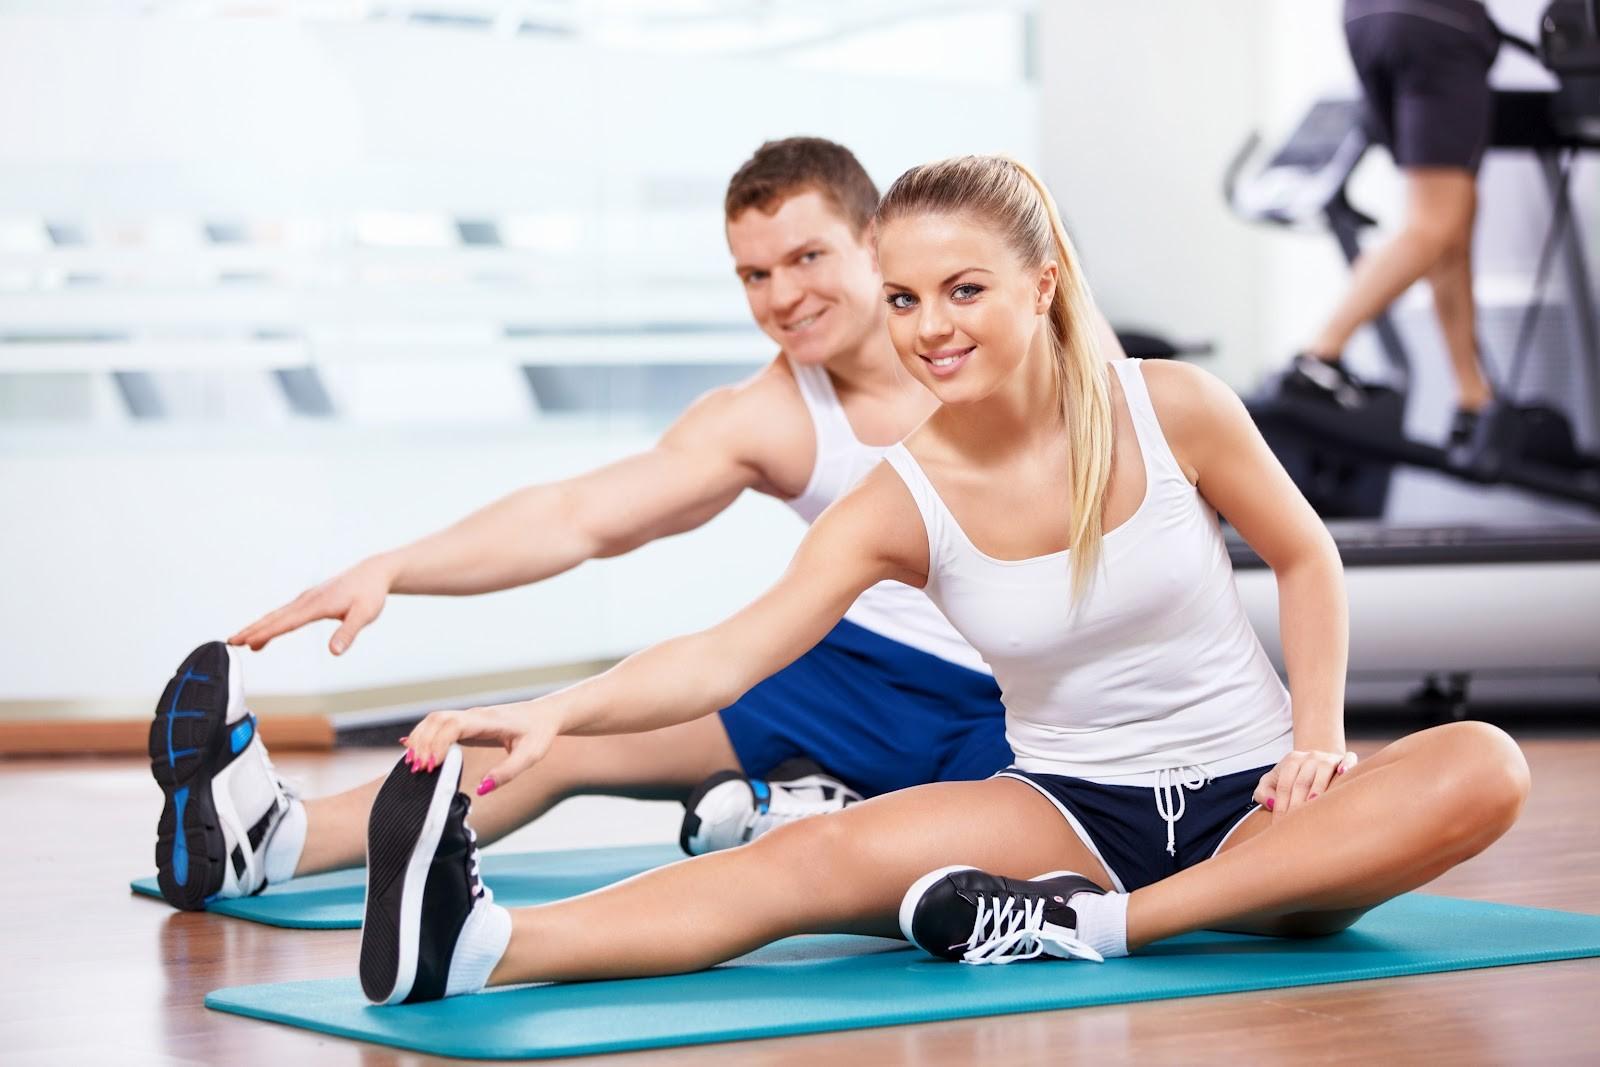 22222 - Действенные способы избавления от лишнего веса